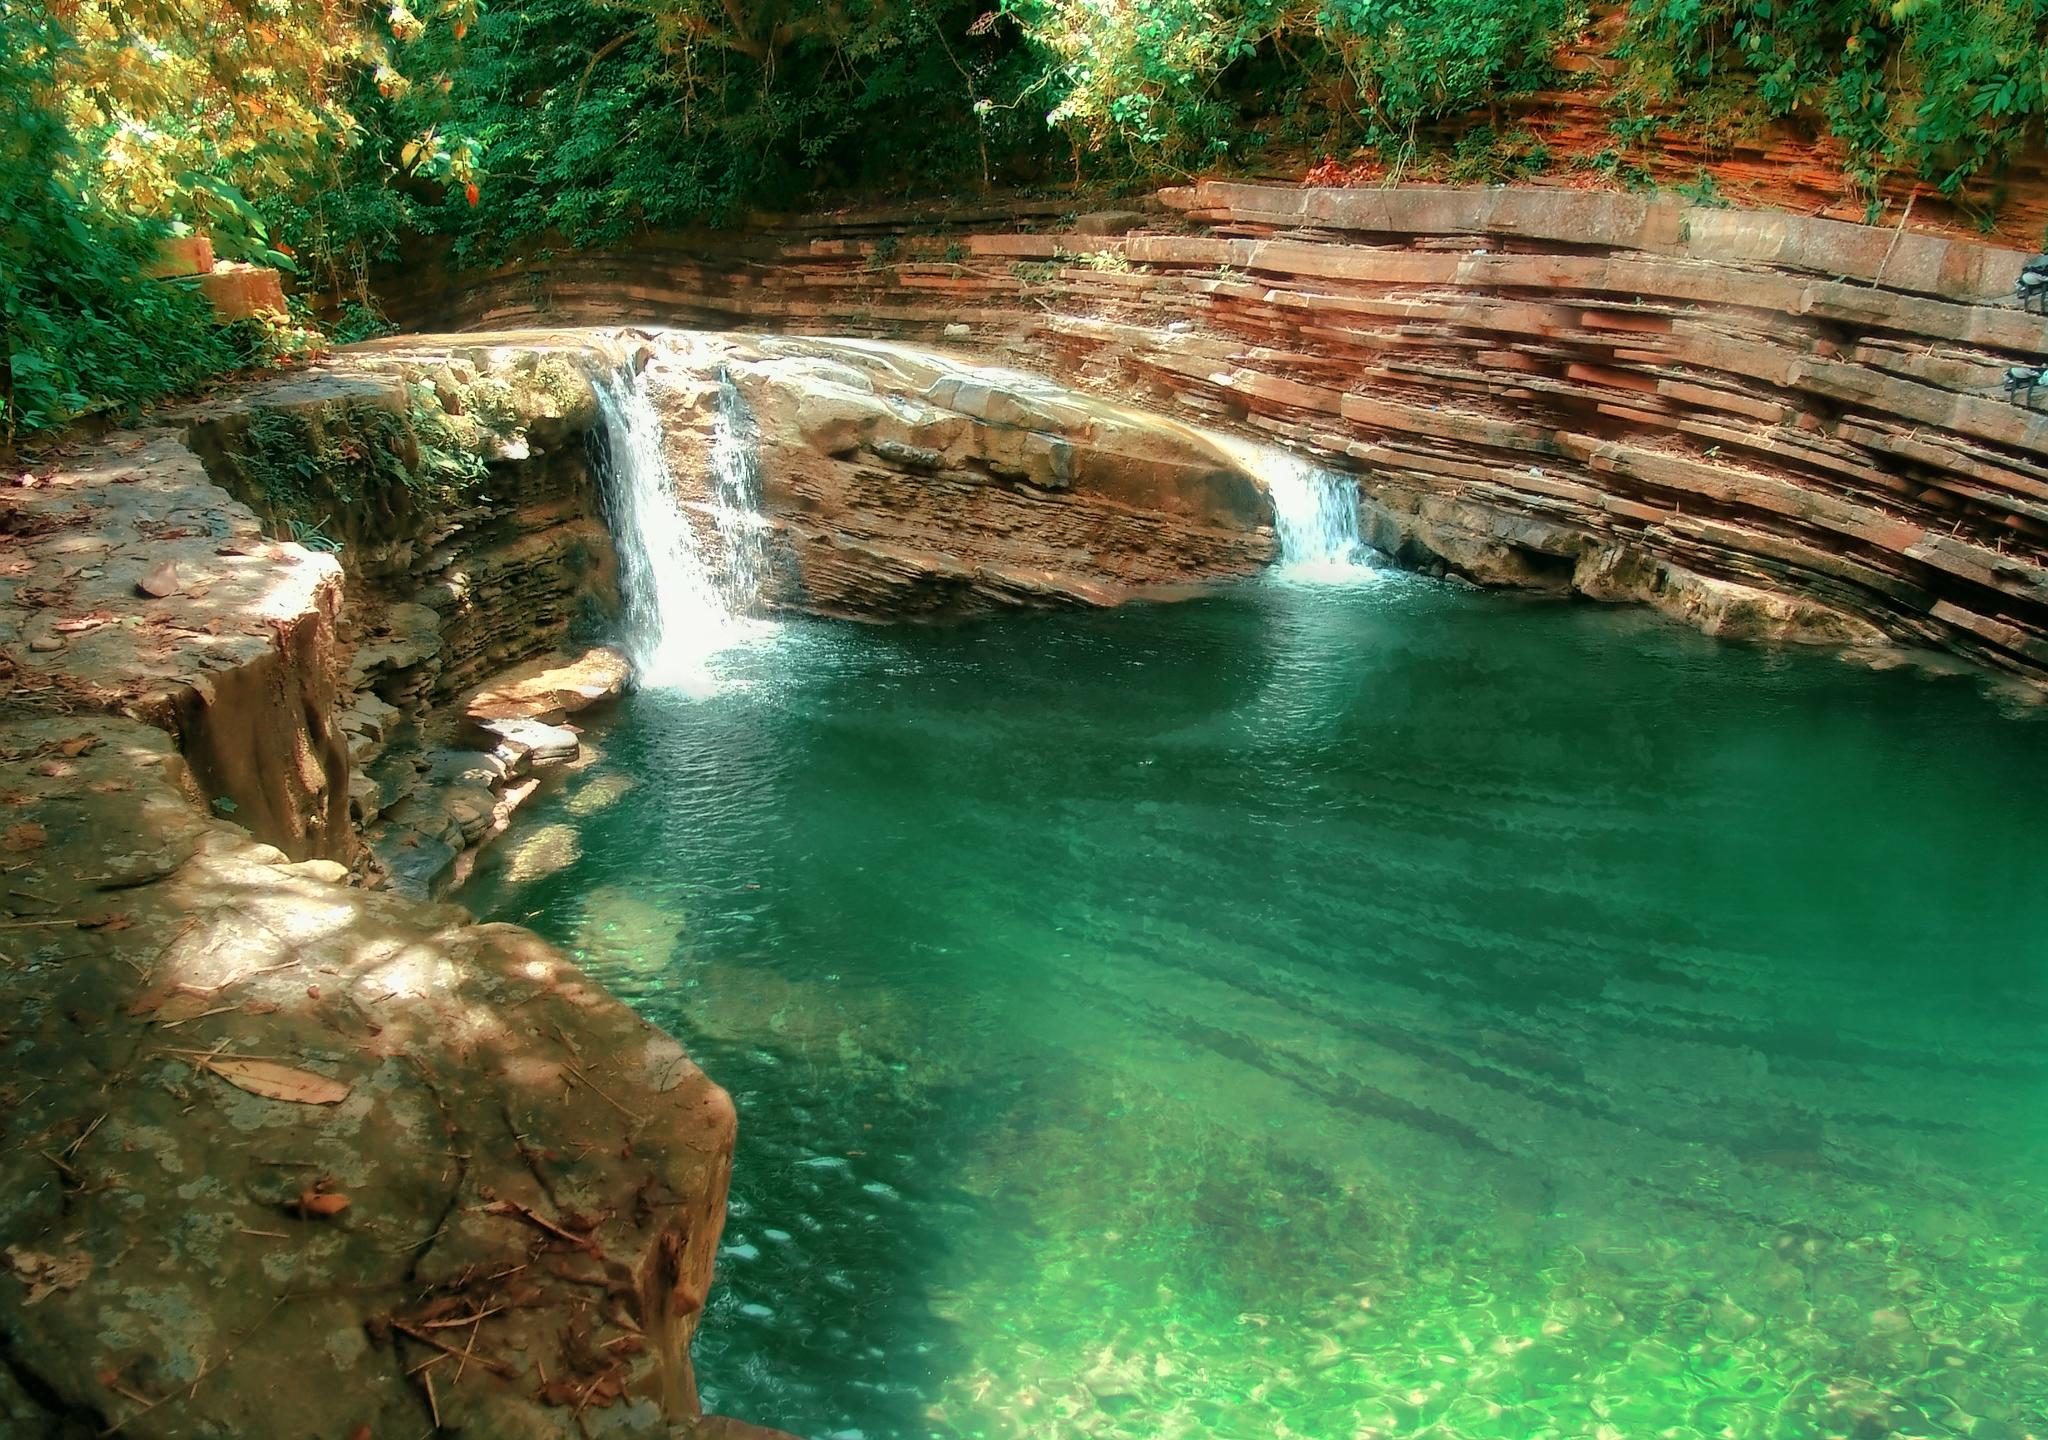 Agua de manantial: ¿por qué es tan saludable? | Eden Springs